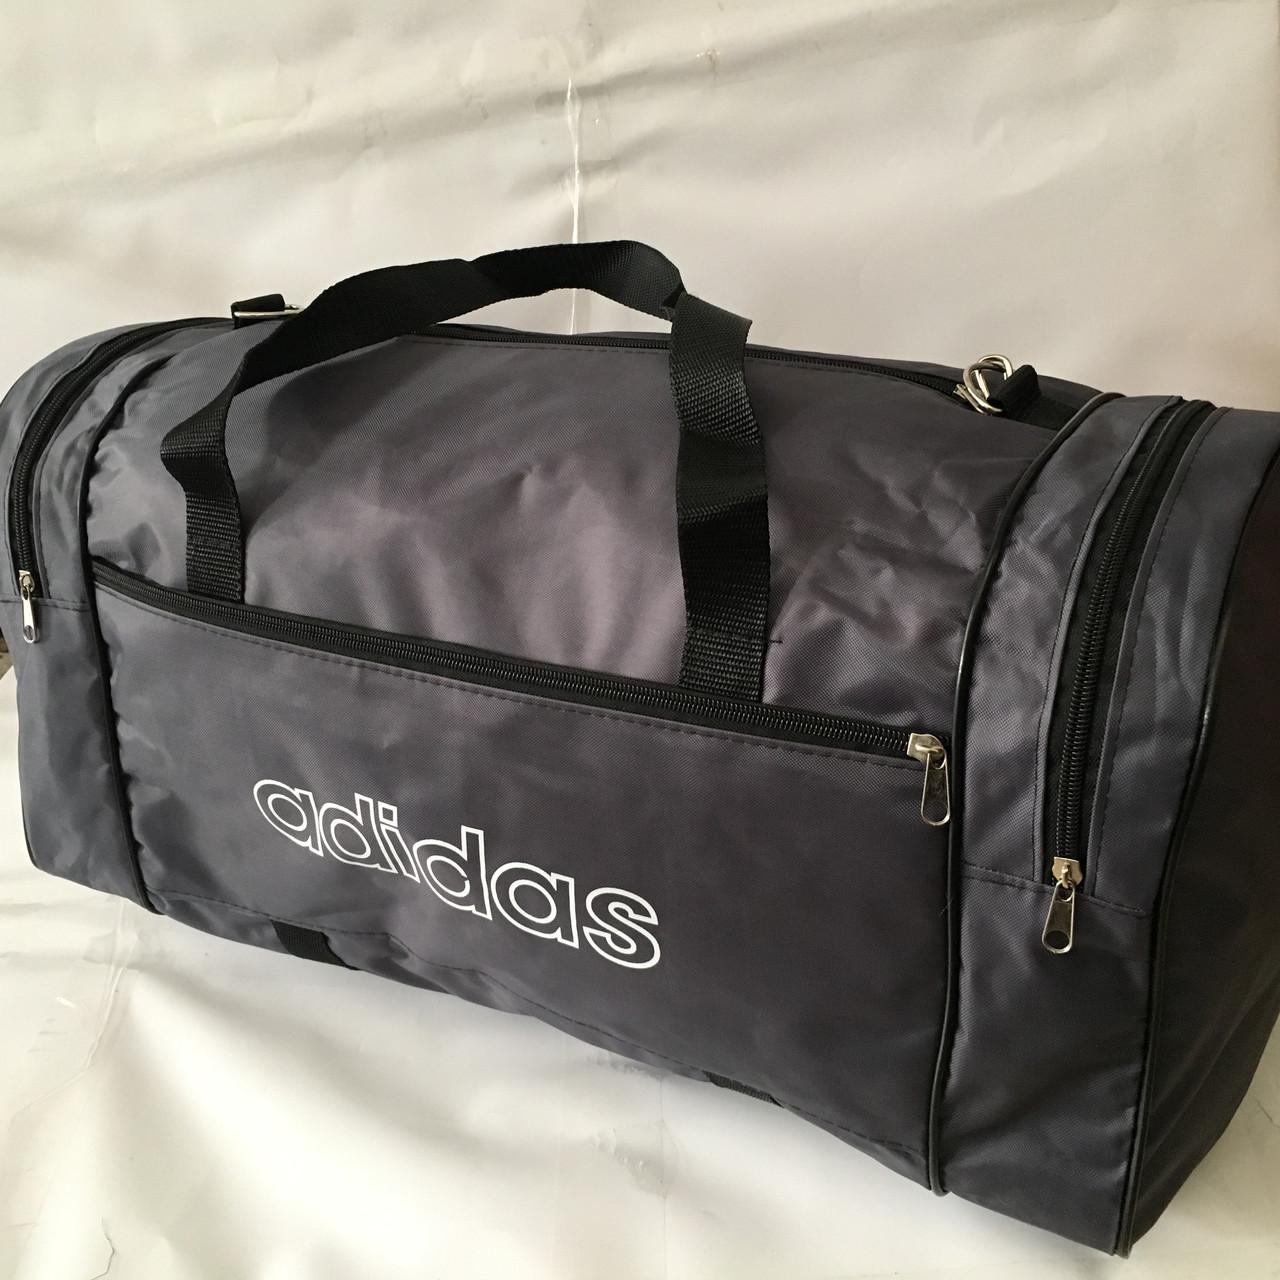 Спортивная дорожная сумка adidas, сумки из ткани, магазин дорожных сумок,  сумка для обуви(оптом 6634467d042